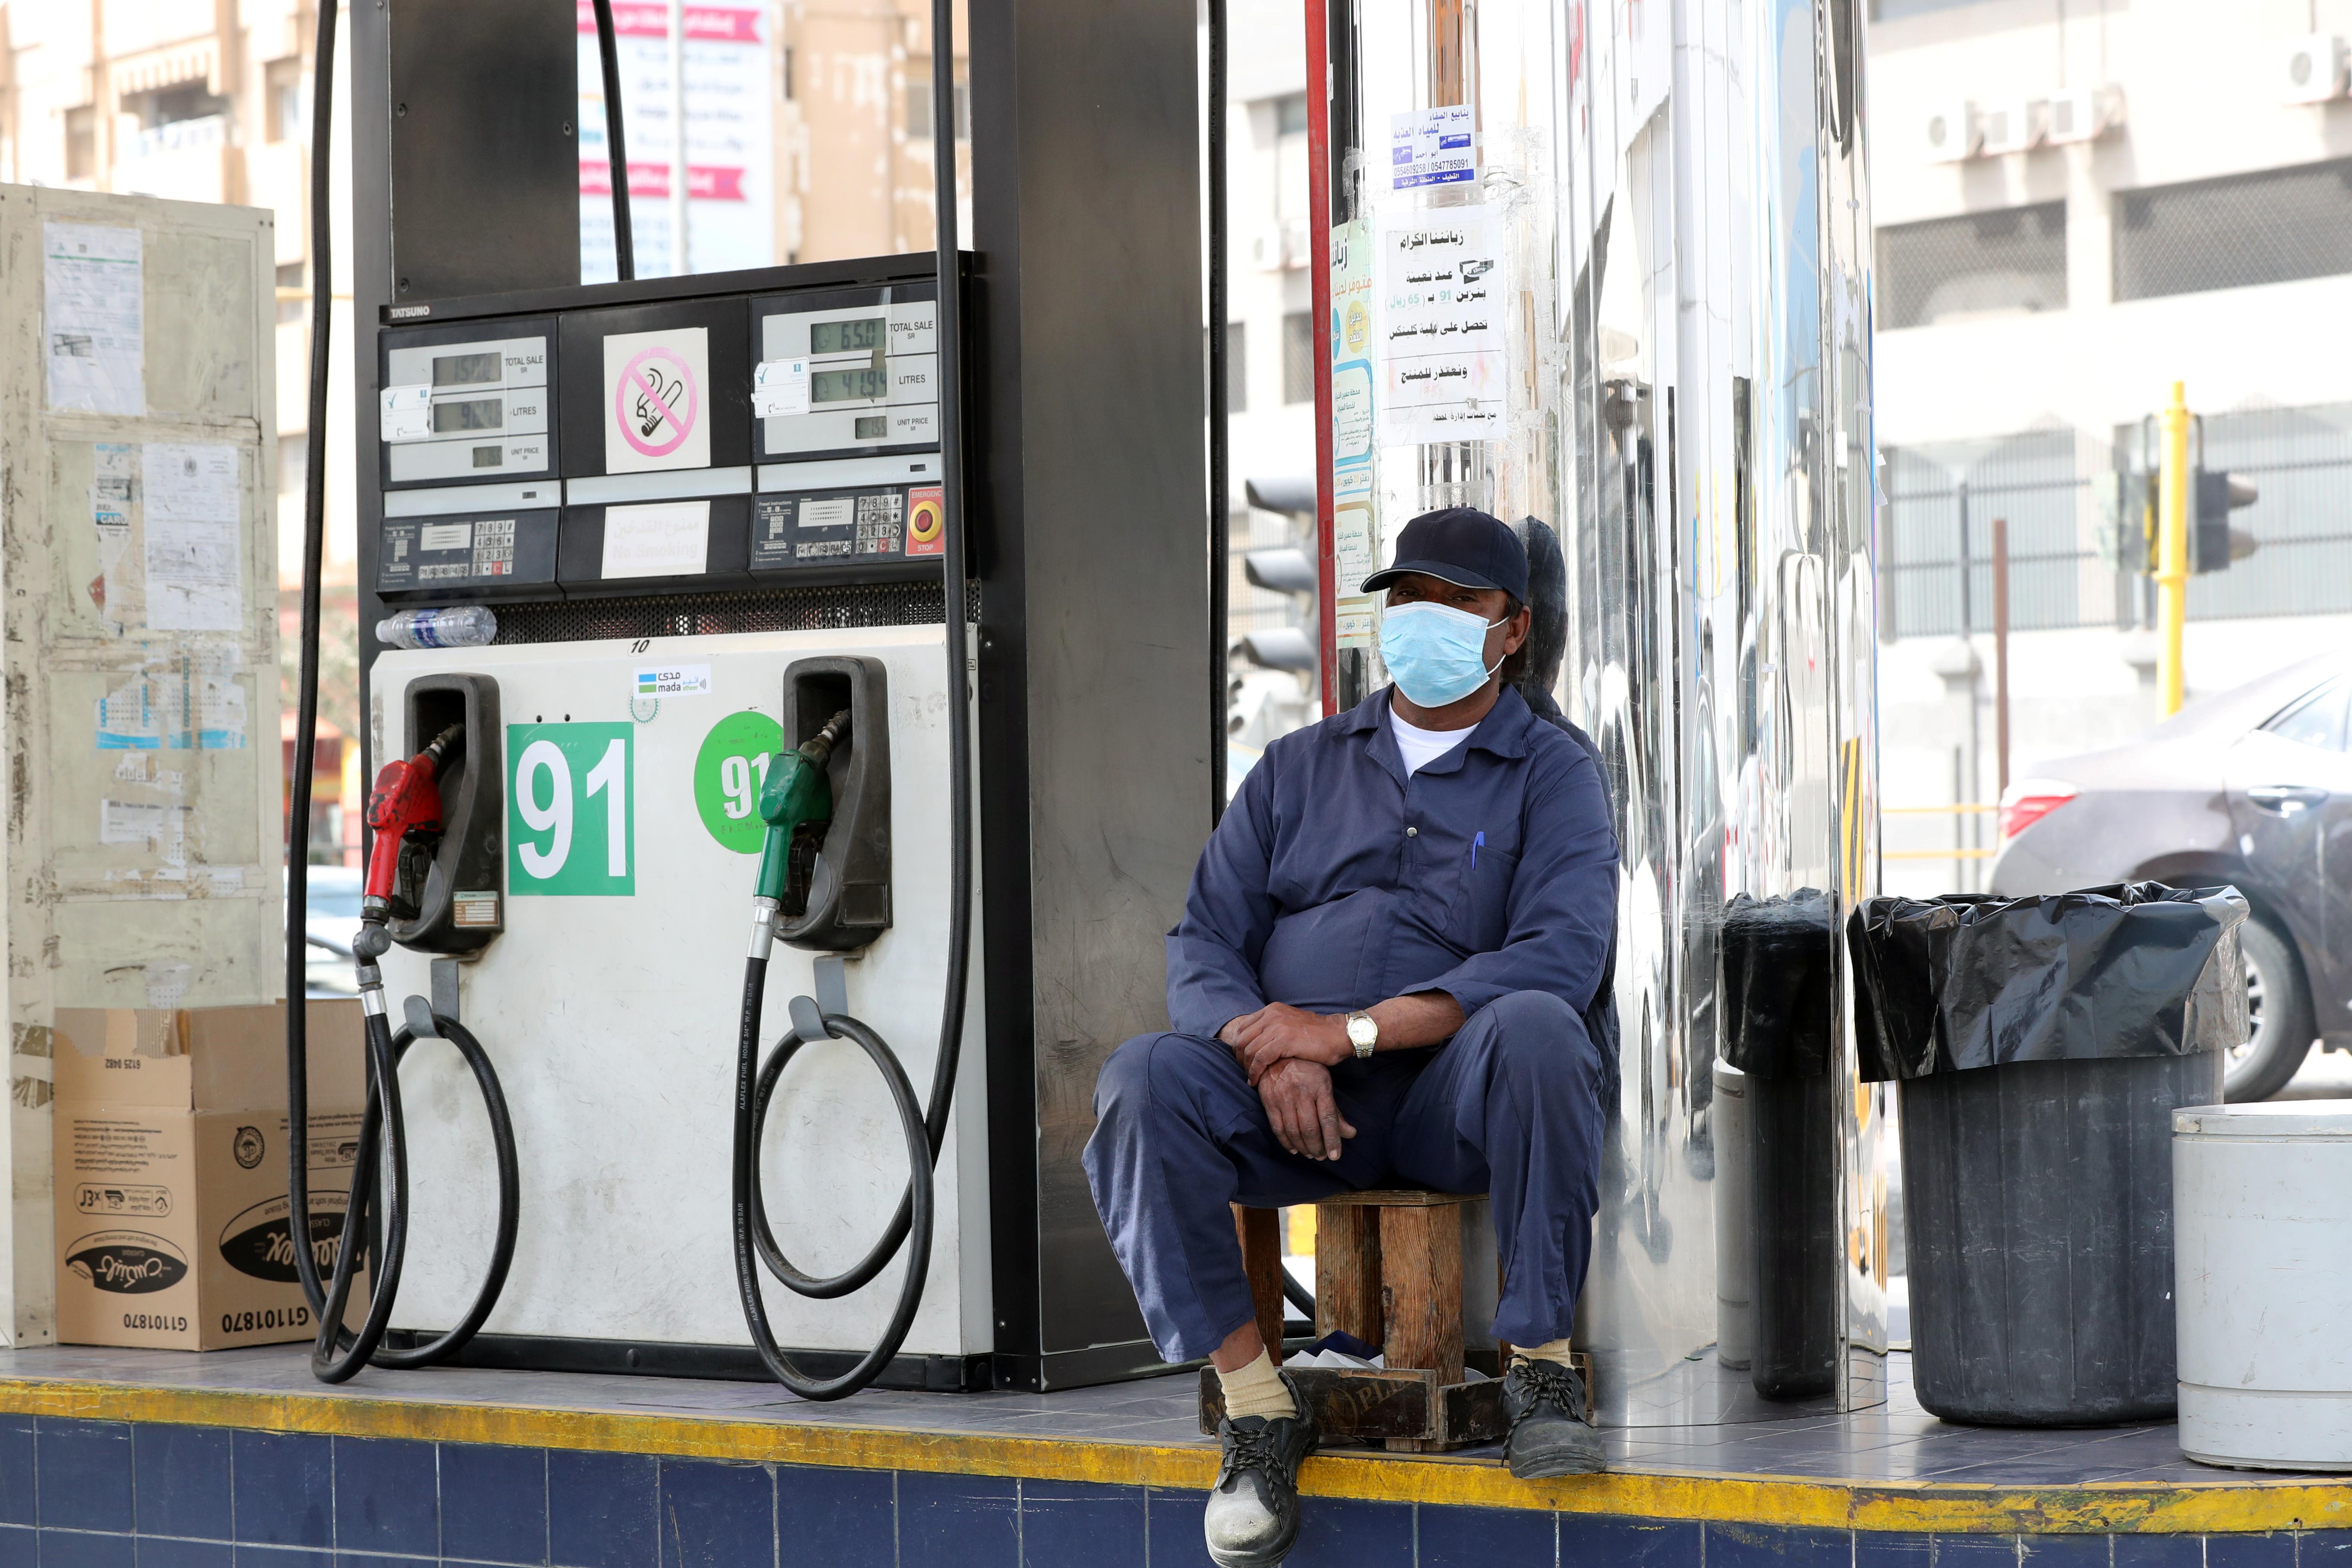 3月9日,在沙特阿拉伯城市盖提夫,加油站工作人员戴着口罩等候顾客。.JPG